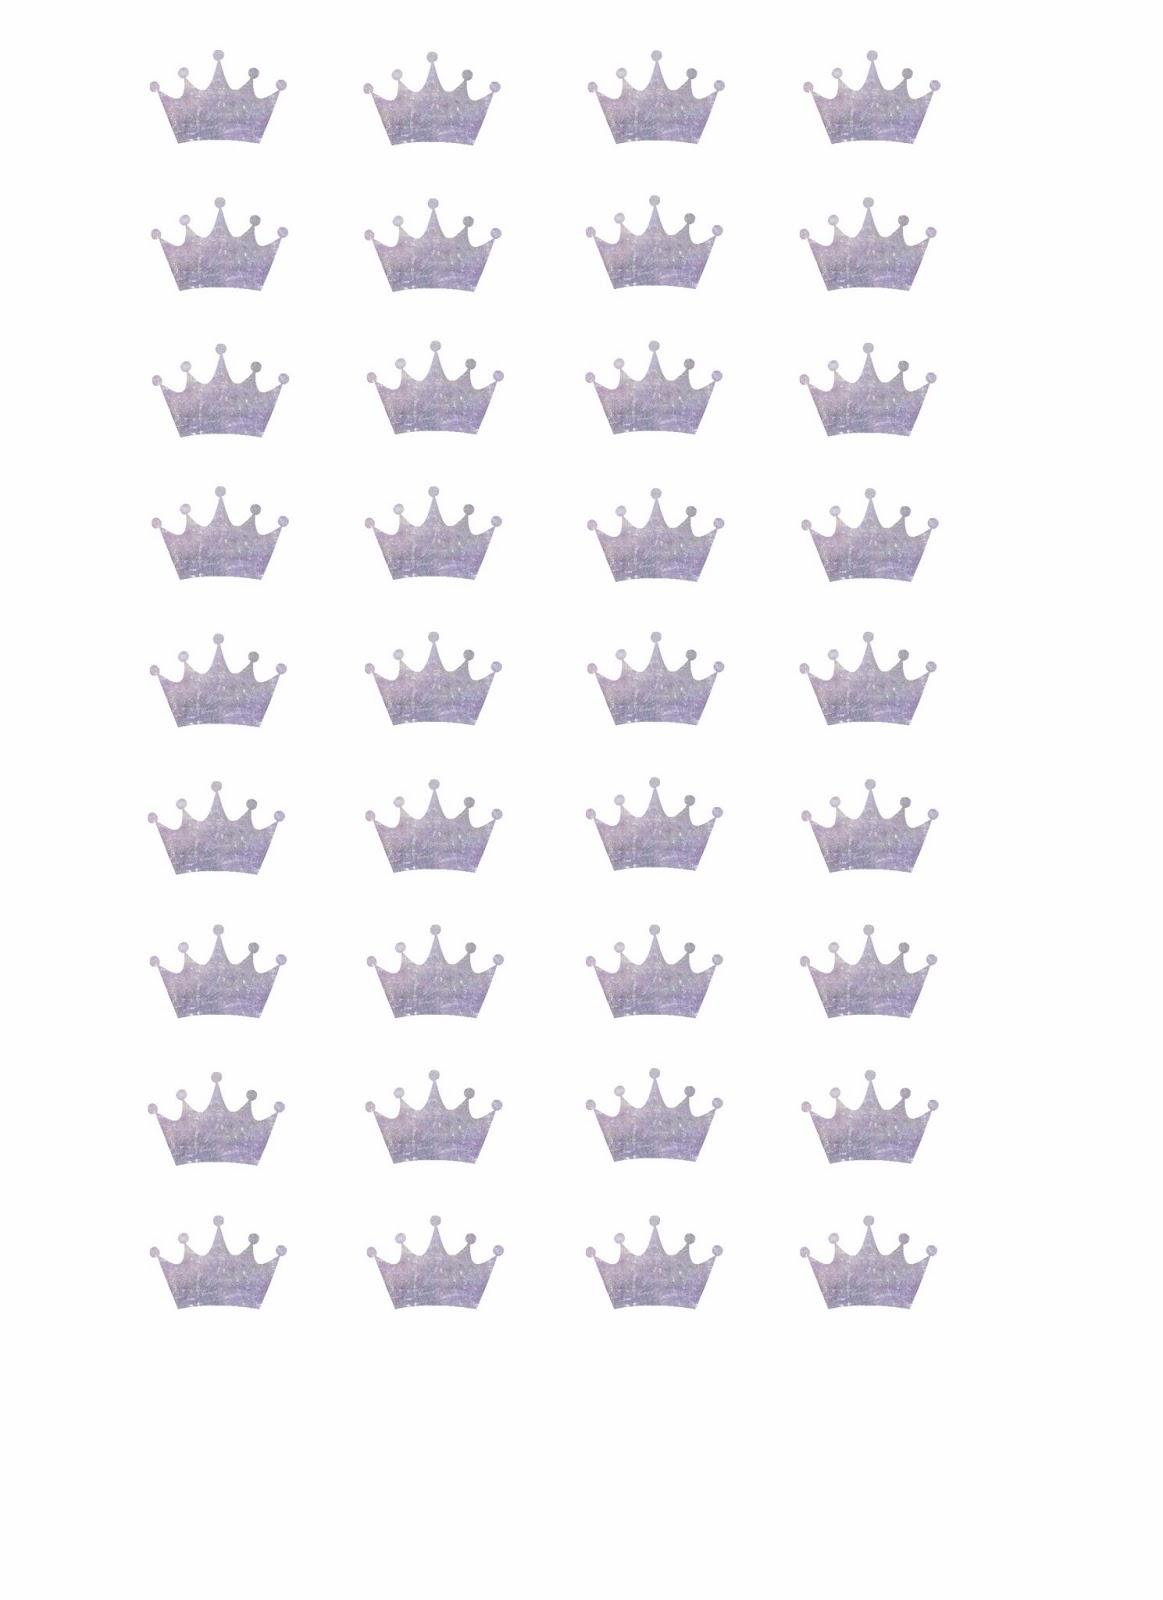 http://3.bp.blogspot.com/-Vp_H_muKQok/UvxNzQoaWWI/AAAAAAAAEMg/0taMShQmRaU/s1600/Crowns+copy.jpg